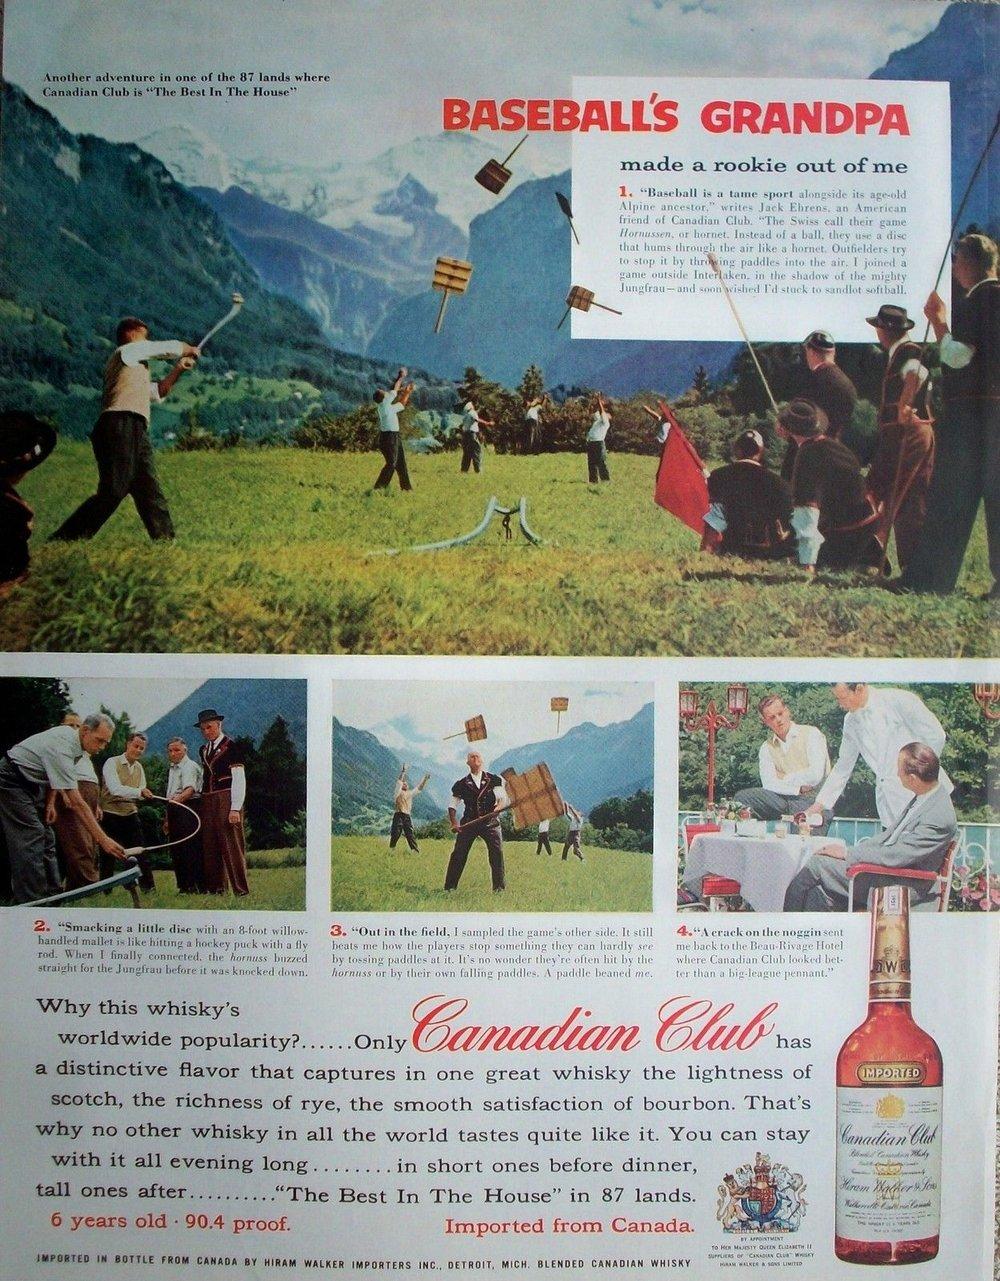 Canadian Club, 1957